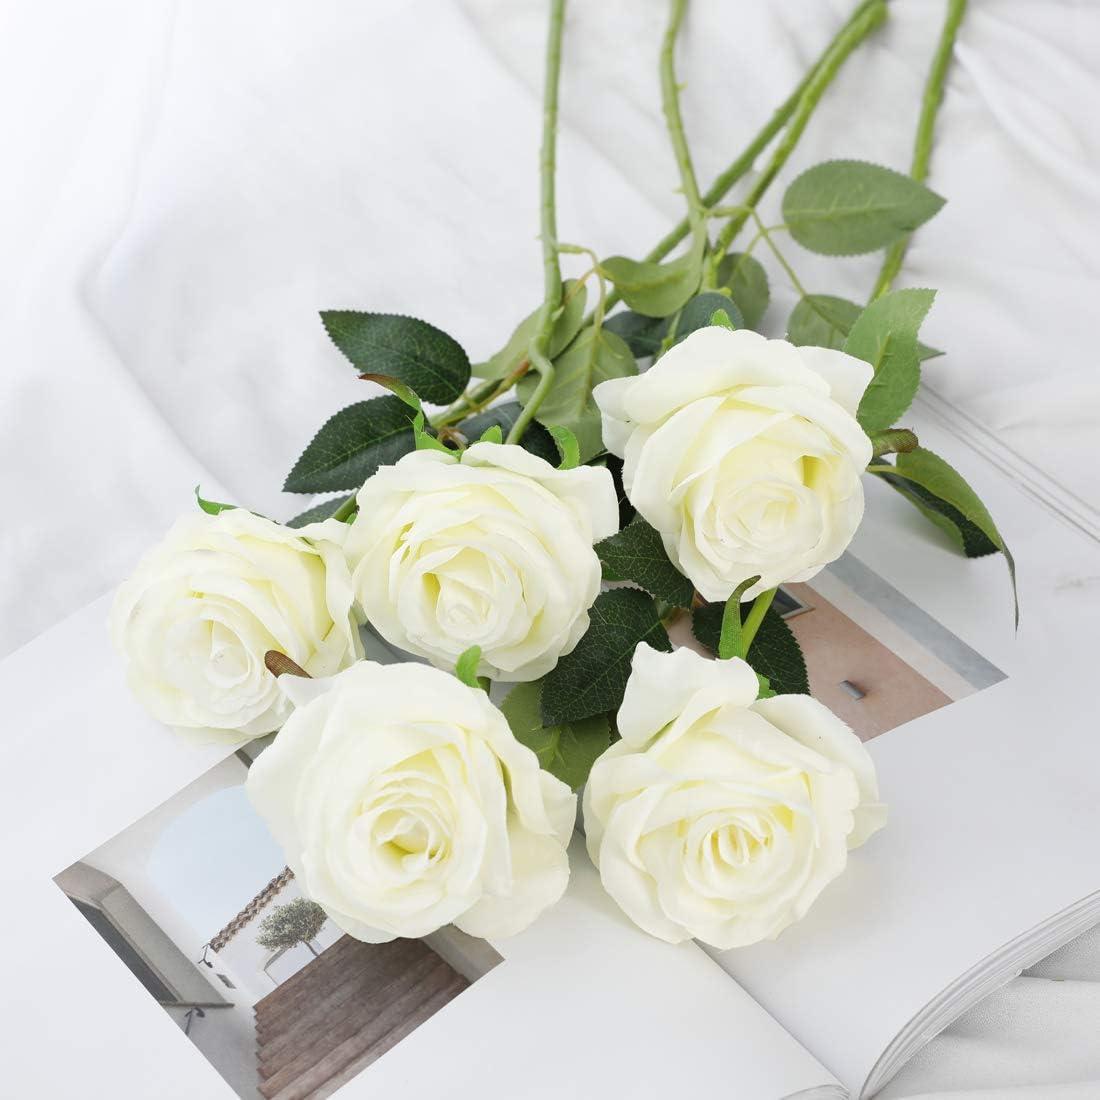 Veryhome 10 pi/èces Artificielle Roses Fleurs De Soie Faux Bouquets Floraux pour La D/écoration De Mariage Maison D/écoration De F/ête danniversaire Jardin D/écor Rose